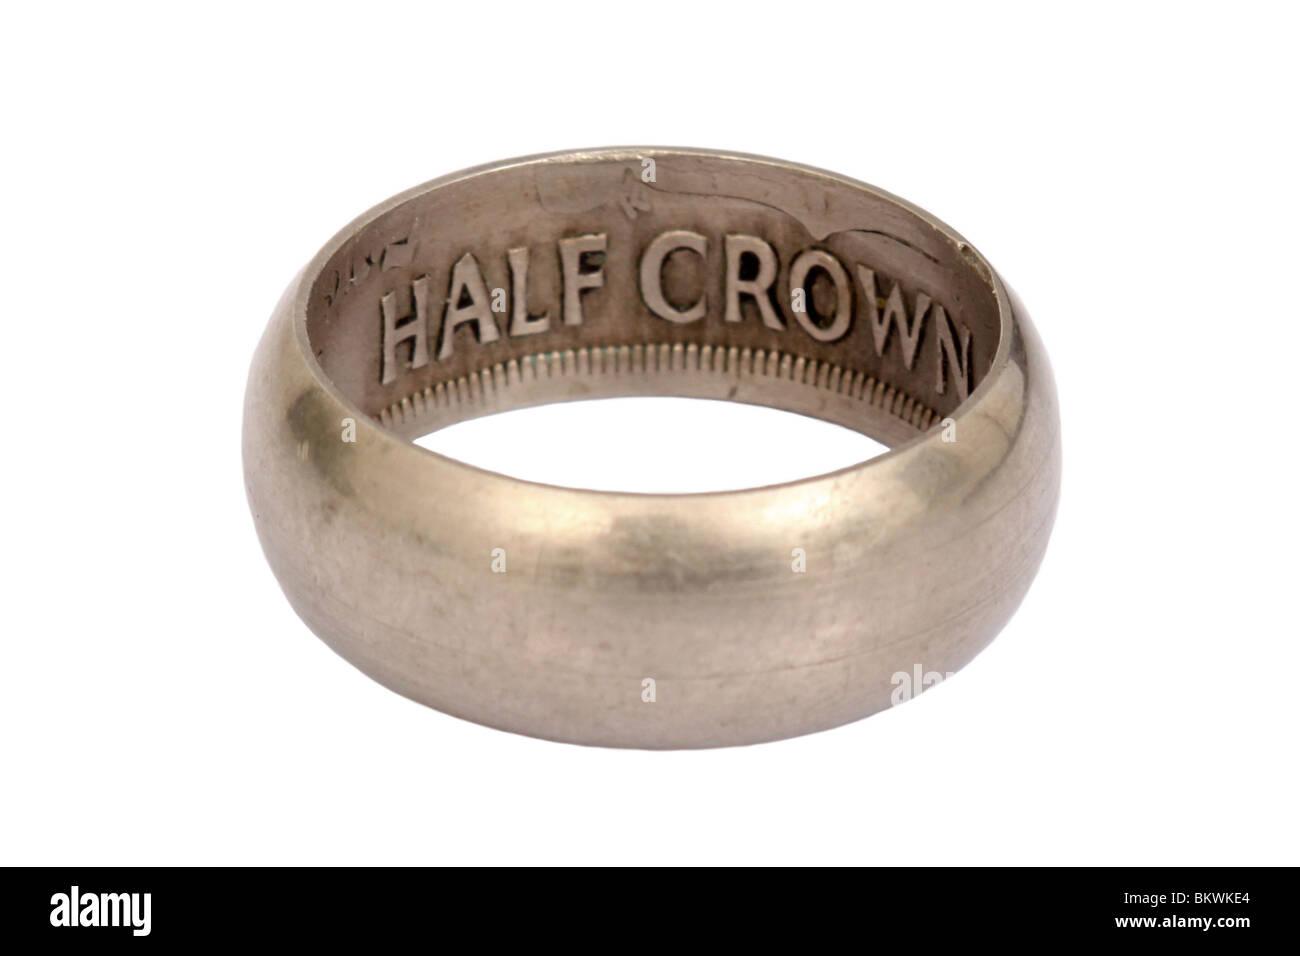 Anillo de plata hombres Vintage fabricado a partir de 1941 la mitad de la Corona Británica coin, aislado sobre Imagen De Stock